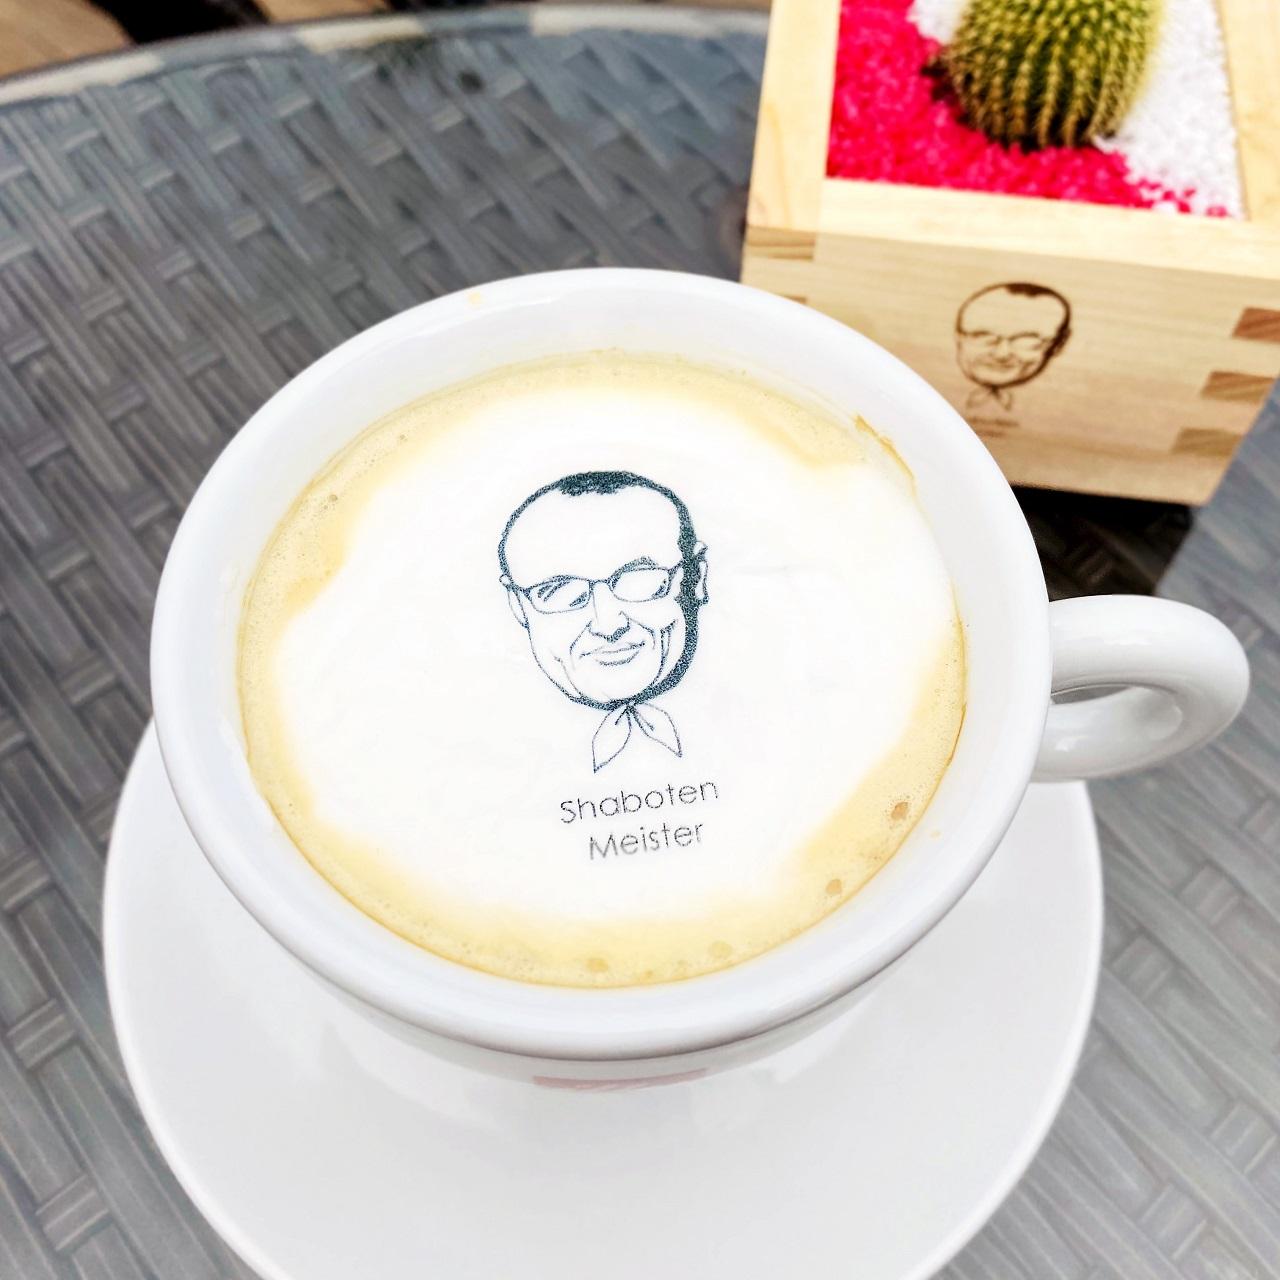 【リニューアルオープン記念】 サボテンのプロ 真鍋さんプロデュース 枡入りミニサボテン & PATON 琥珀糖 スペシャルセット